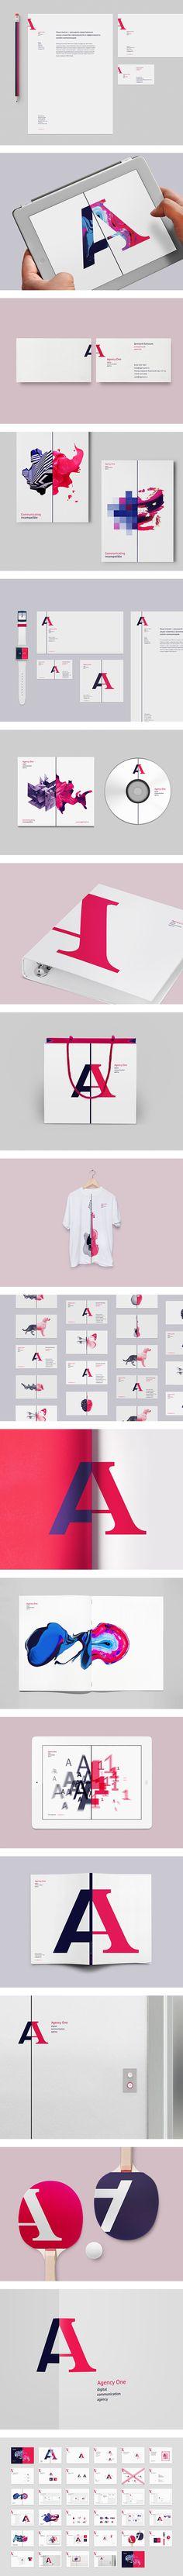 Agency One Identity by Vova Lifinov. 15 Striking Examples of Identity.